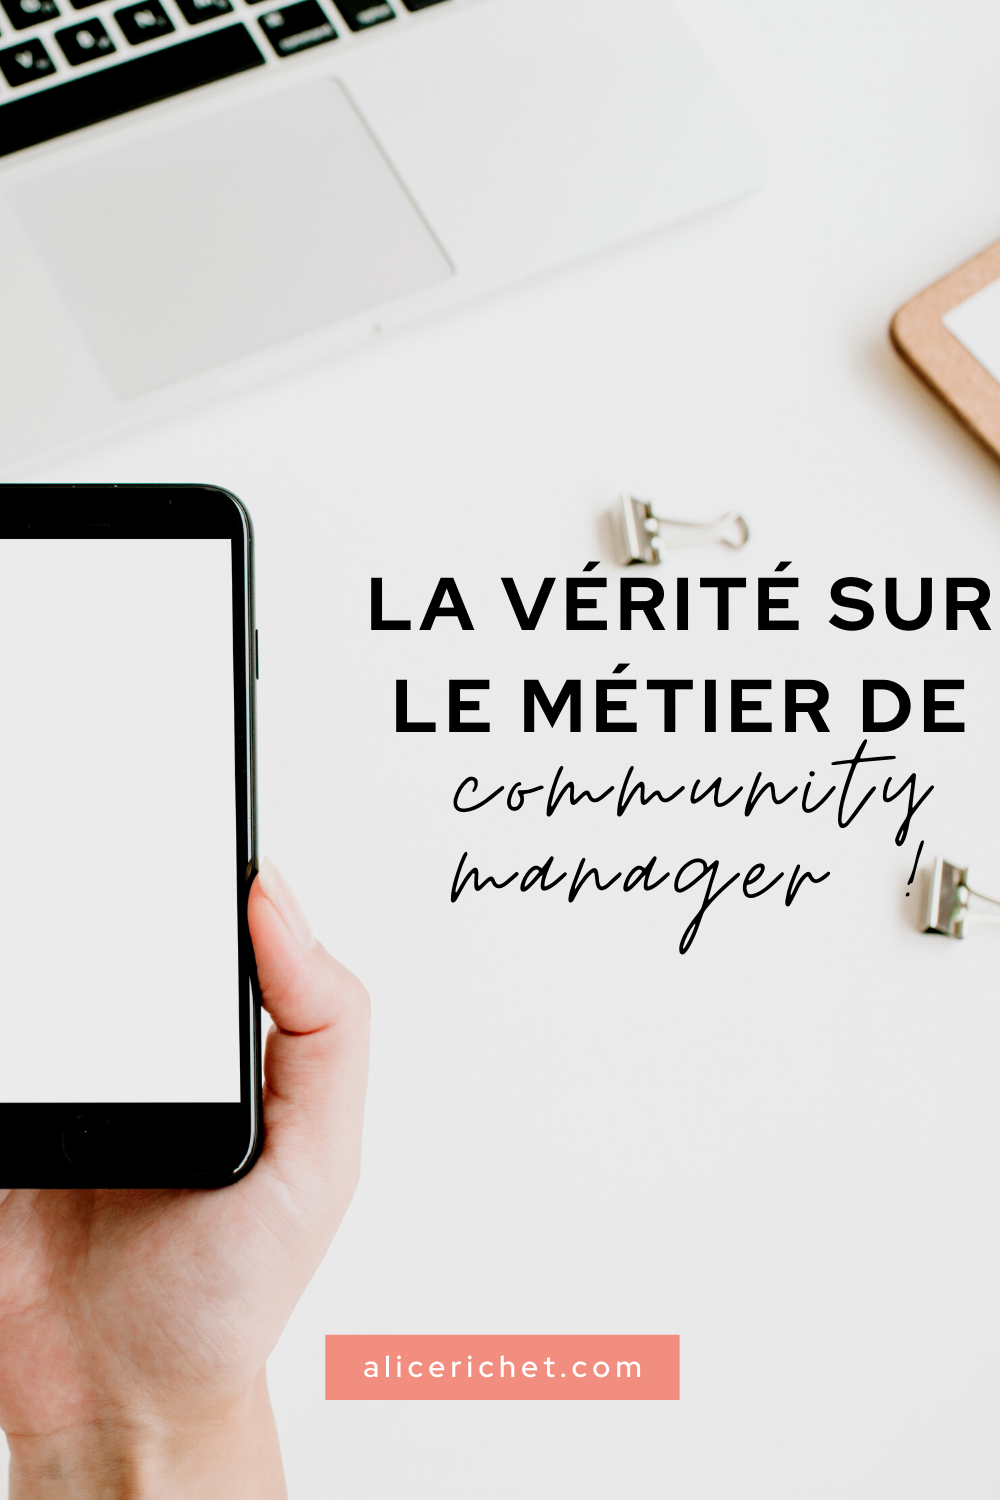 Les Prejuges Sur Les Community Manager Et La Verite Alicerichet Verite Metier Phrase